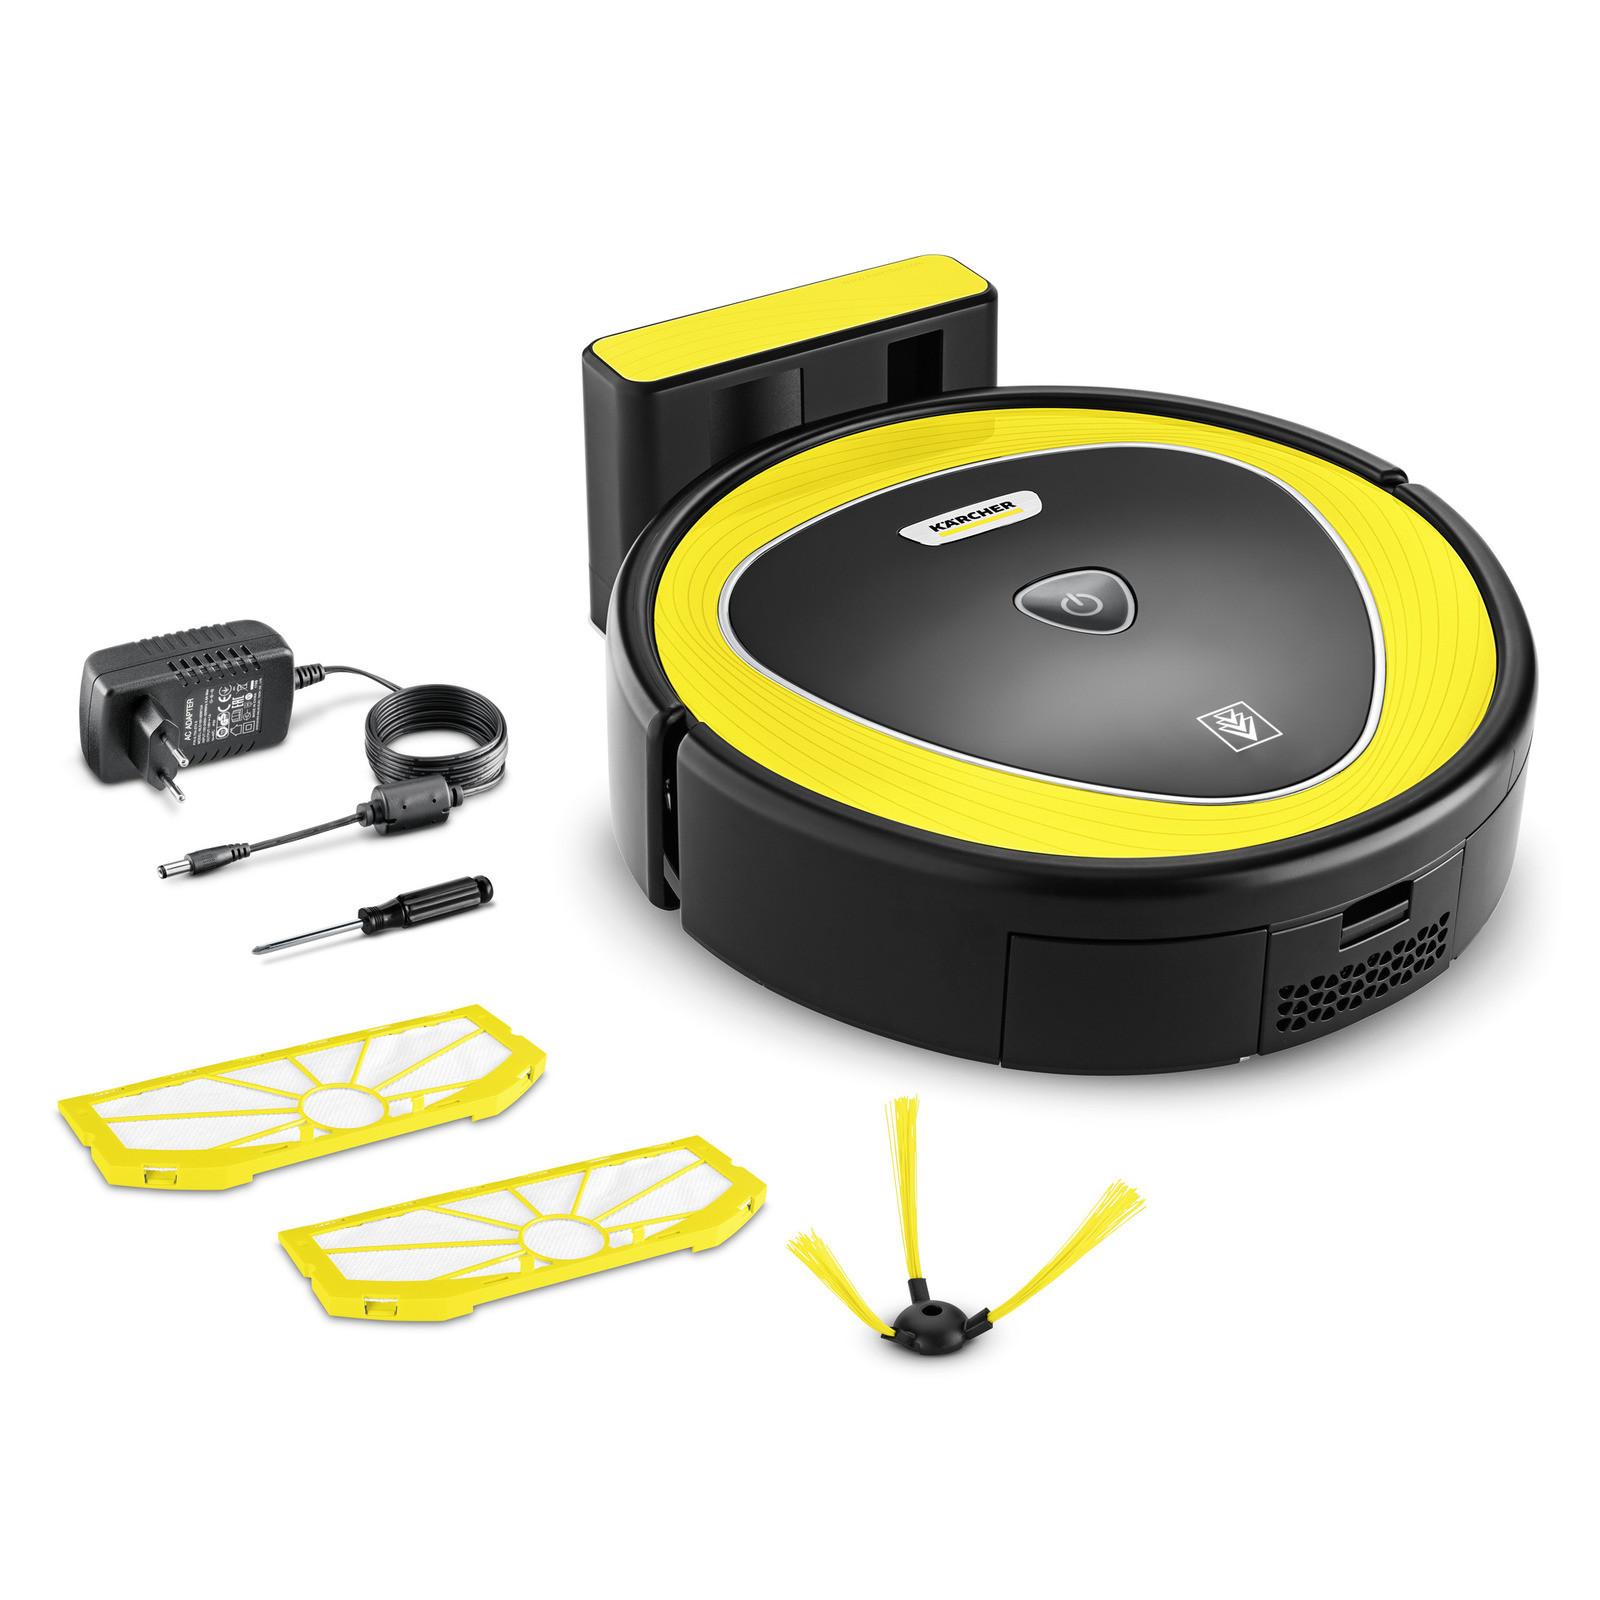 цена на Робот-пылесос Karcher RC 3, аккум на 90 - 120 мин., объём пылесборника 350 мл.